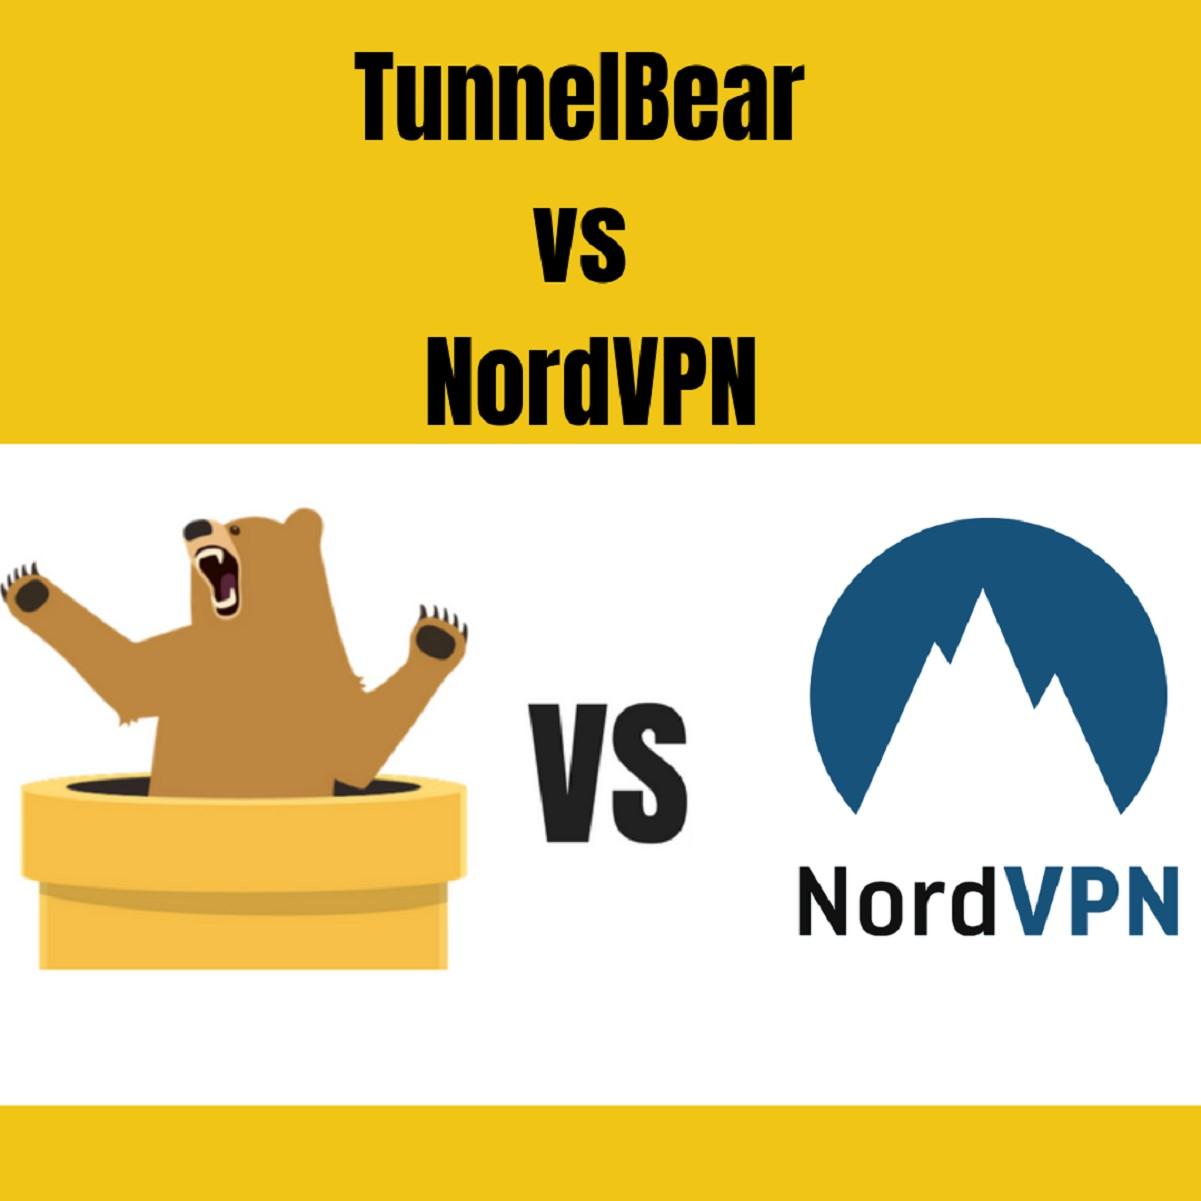 NordVPN vs TunnelBear - Price and Privacy Comparison for 2019